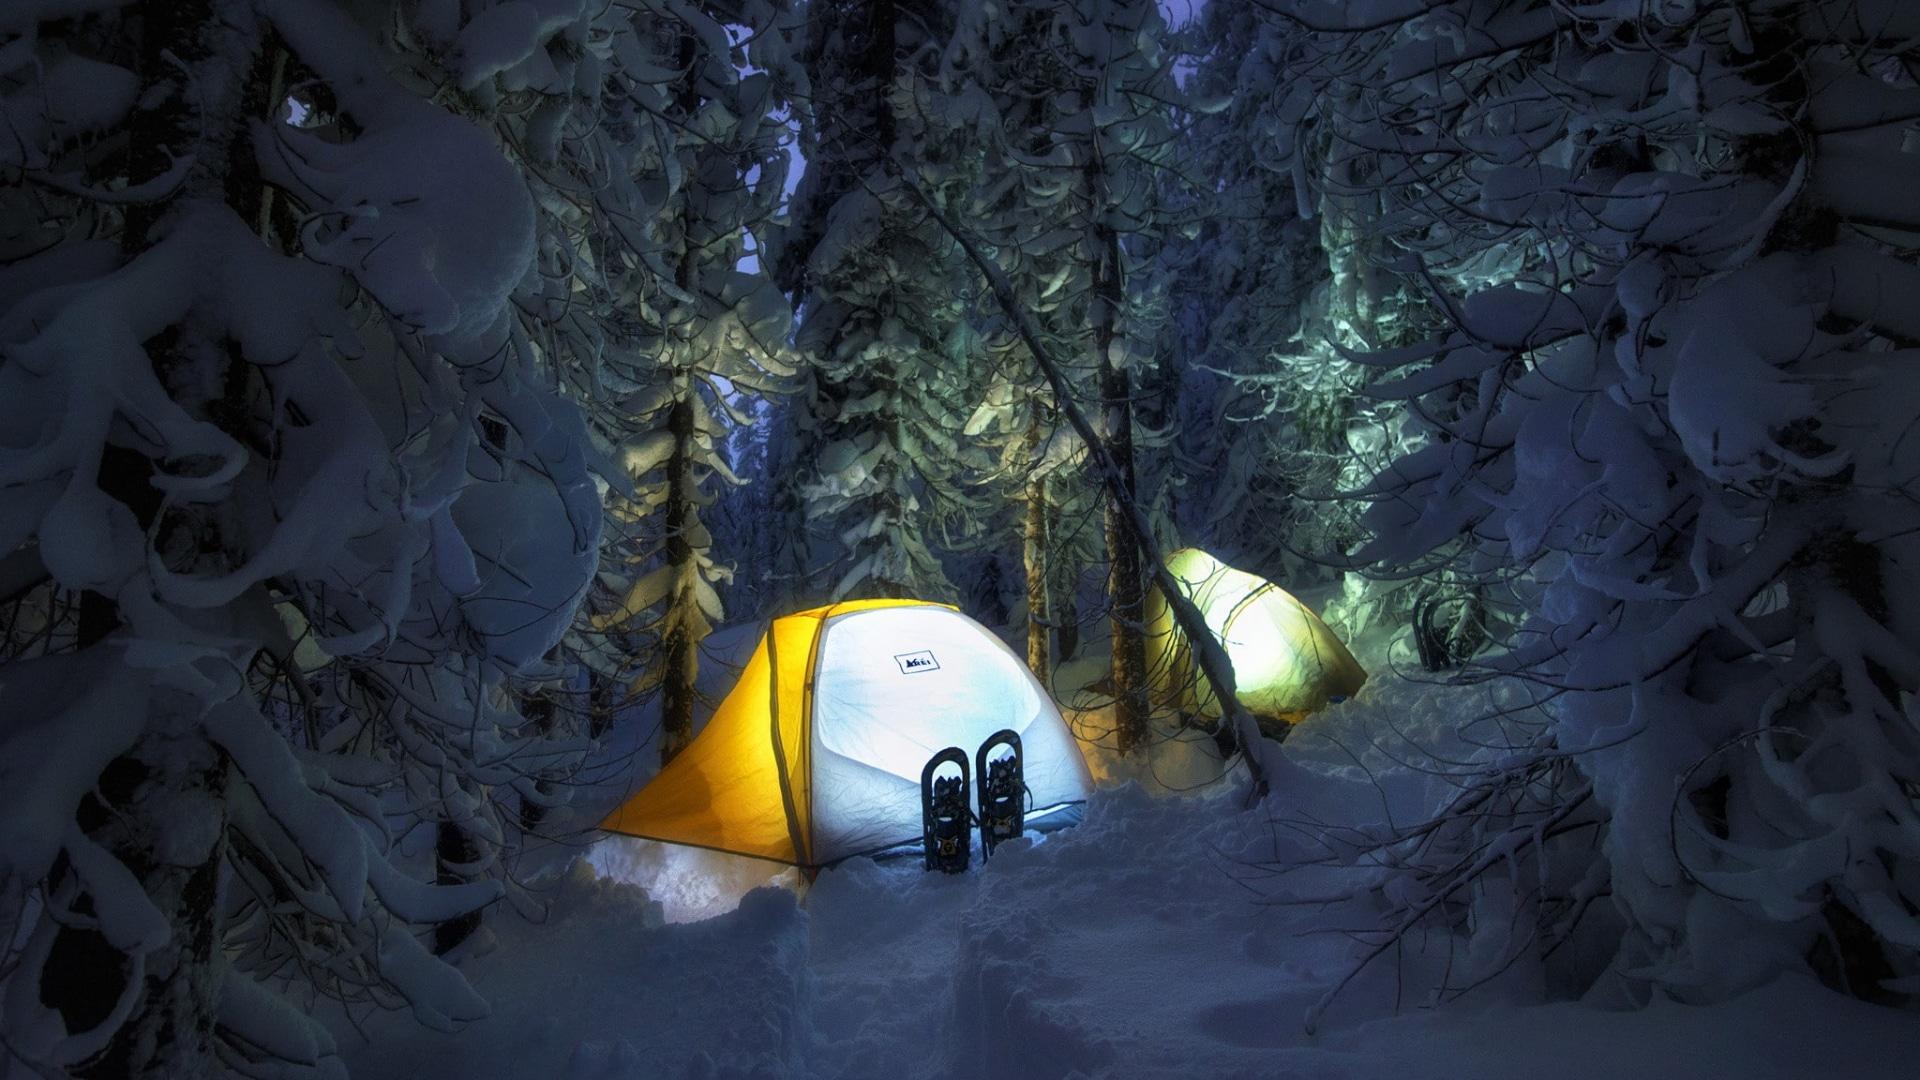 pics of camping